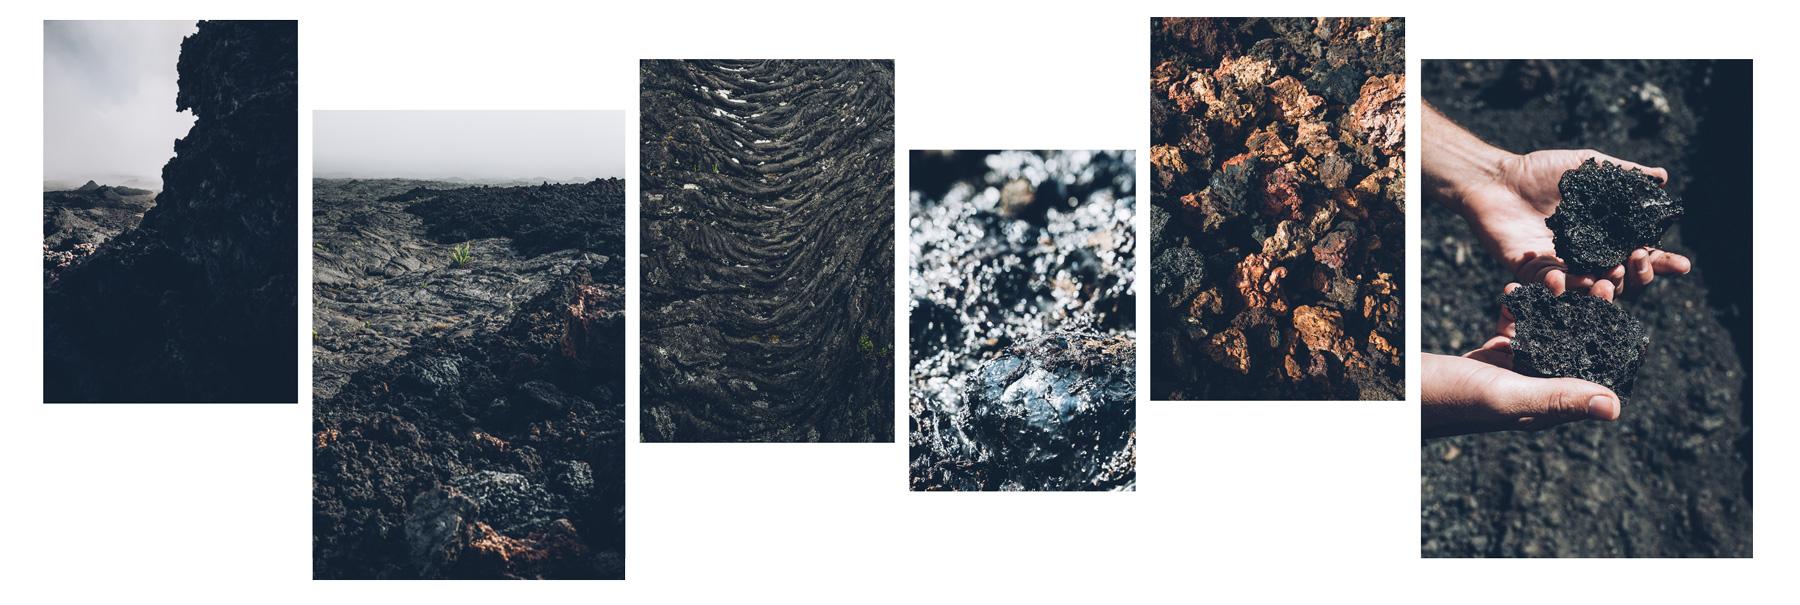 Laves, Volcan, La Réunion